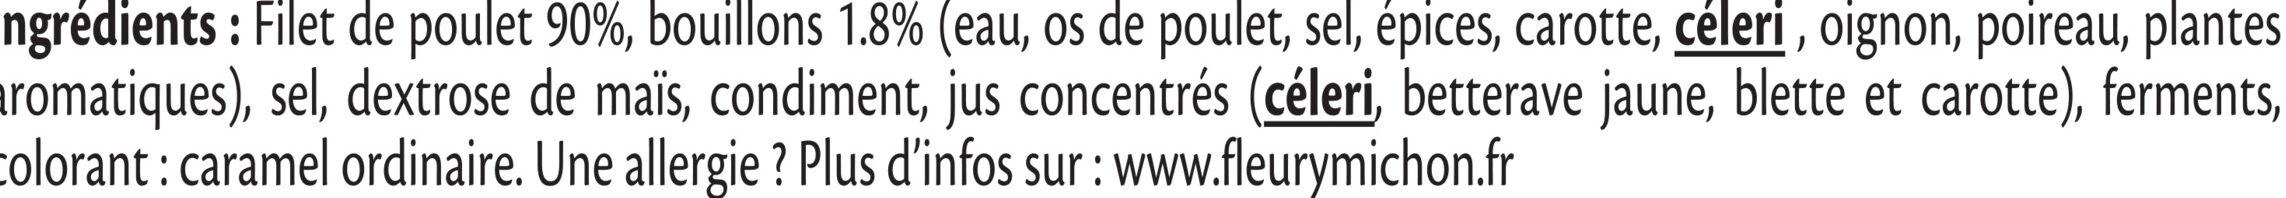 Filet de poulet rôti - 100% filet*-6 tranches épaisses - Ingrédients - fr